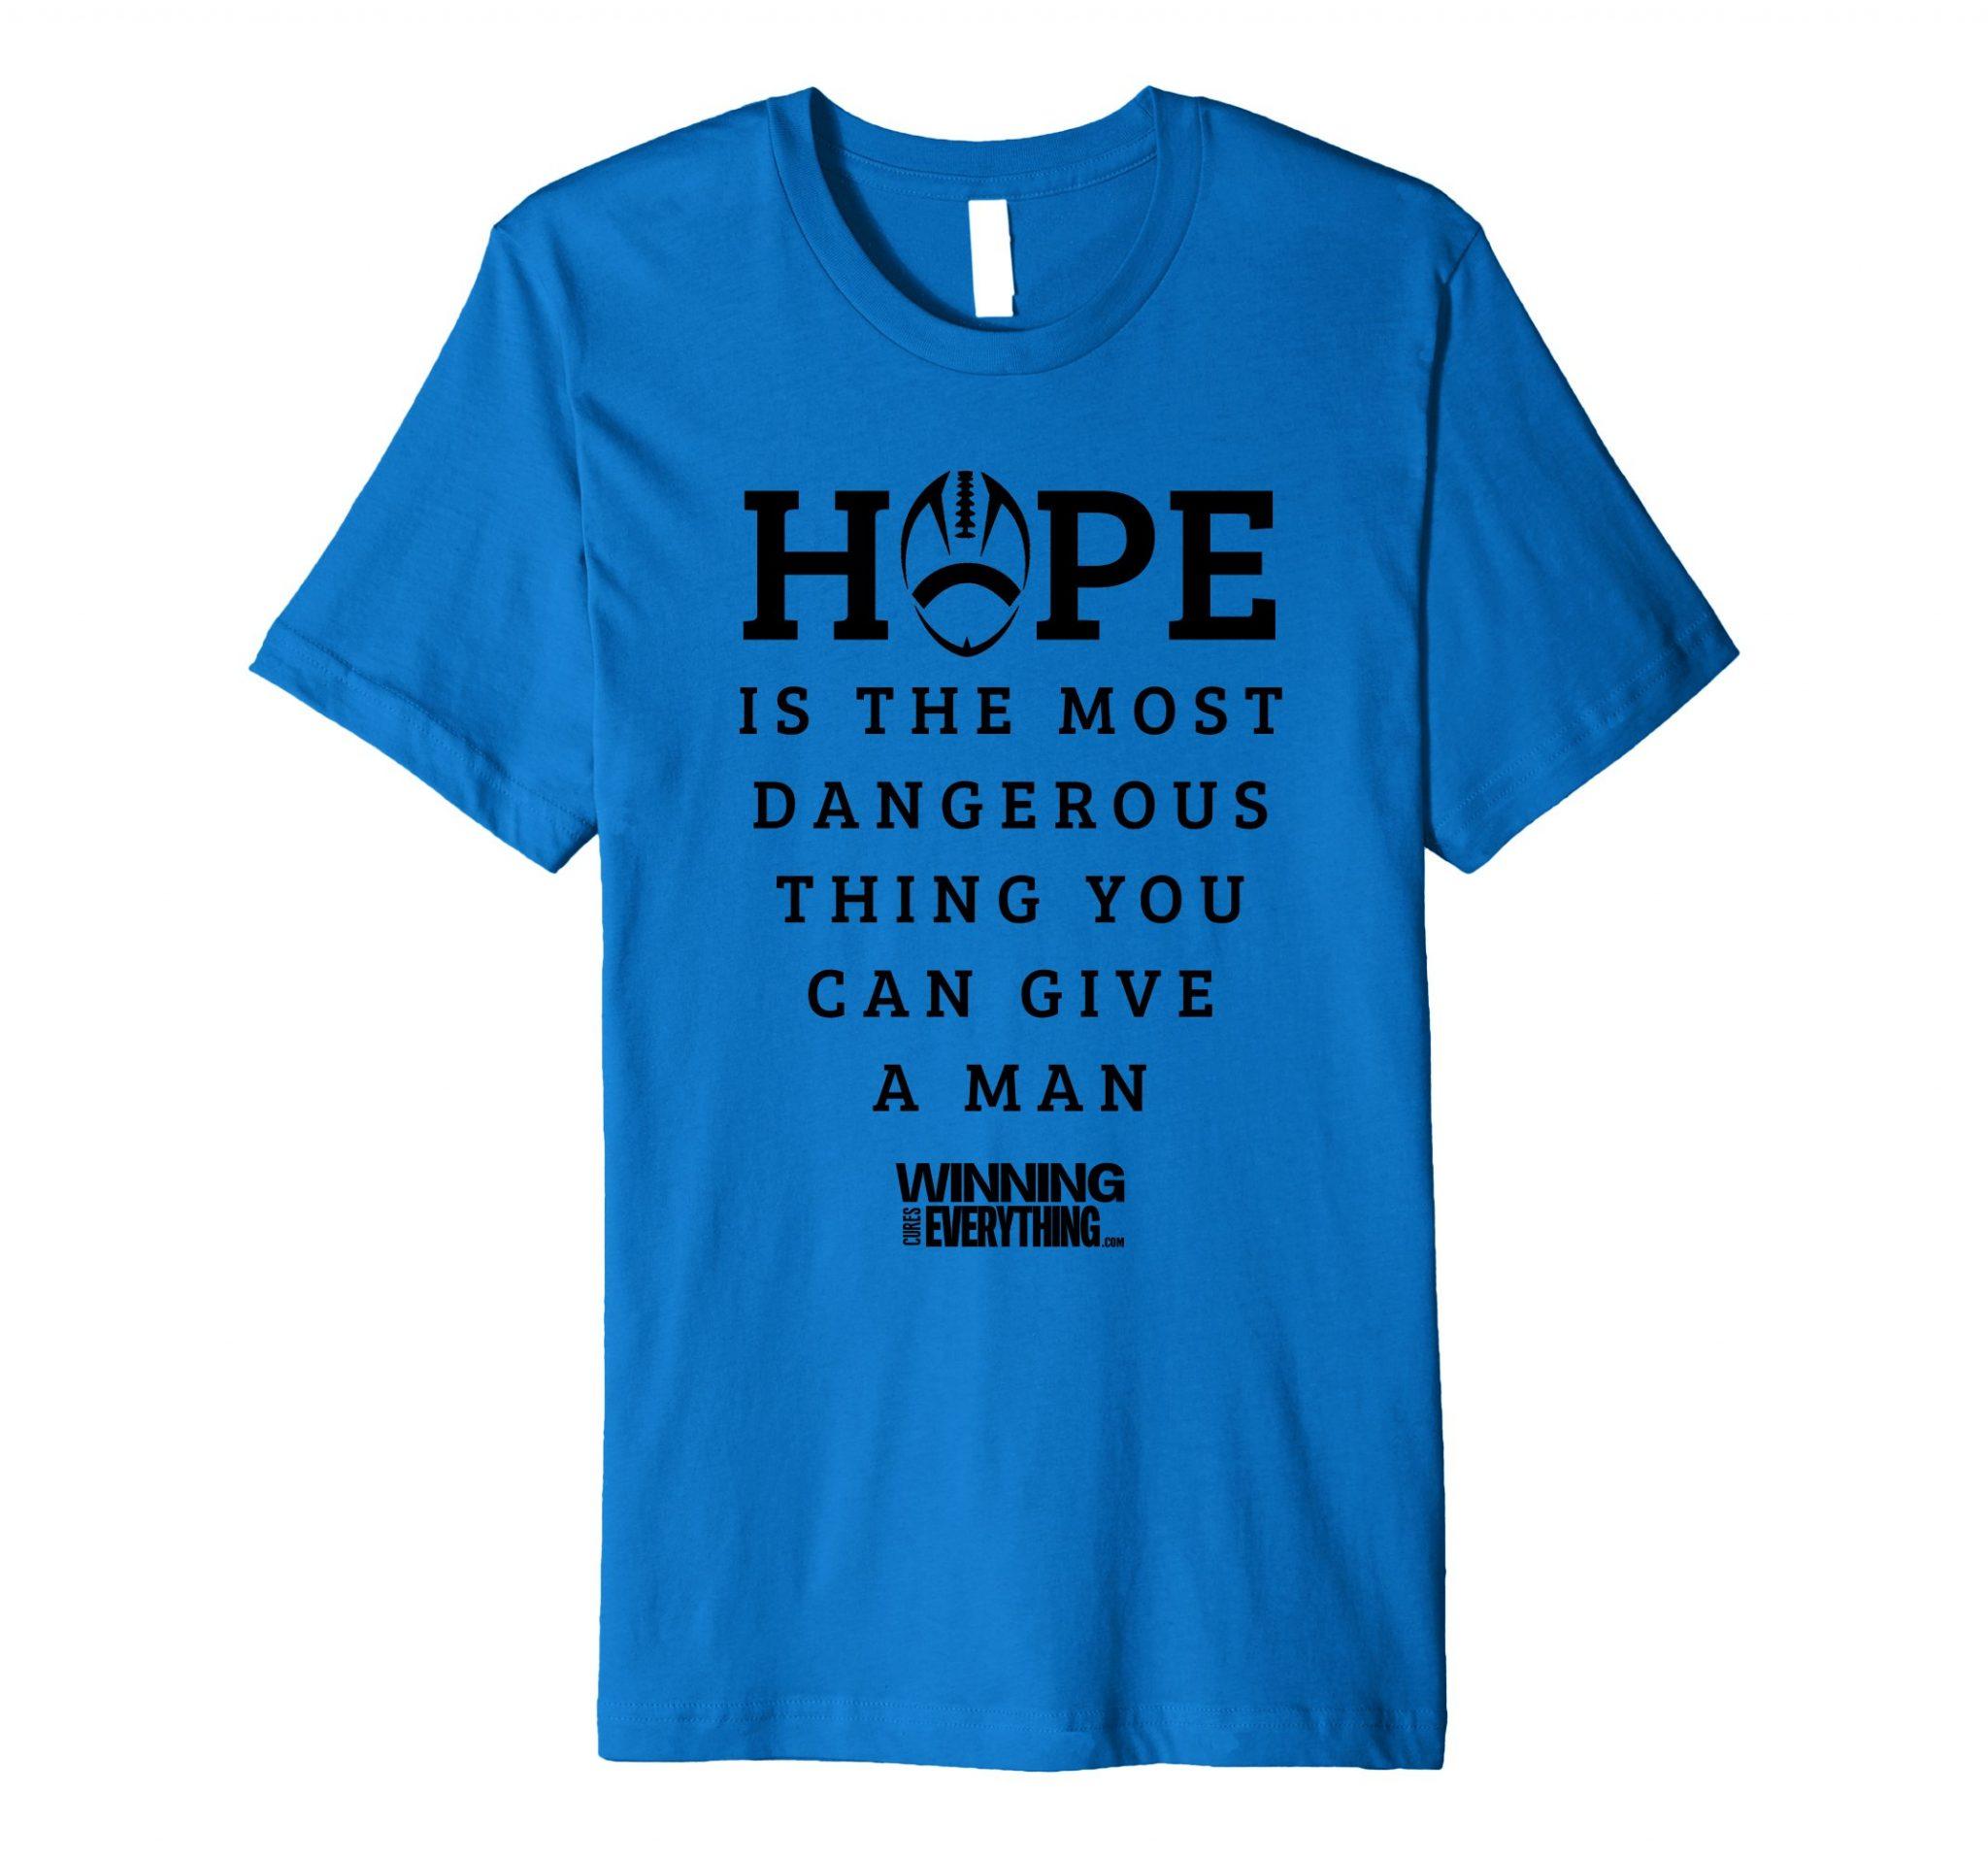 wce-hopeshirt